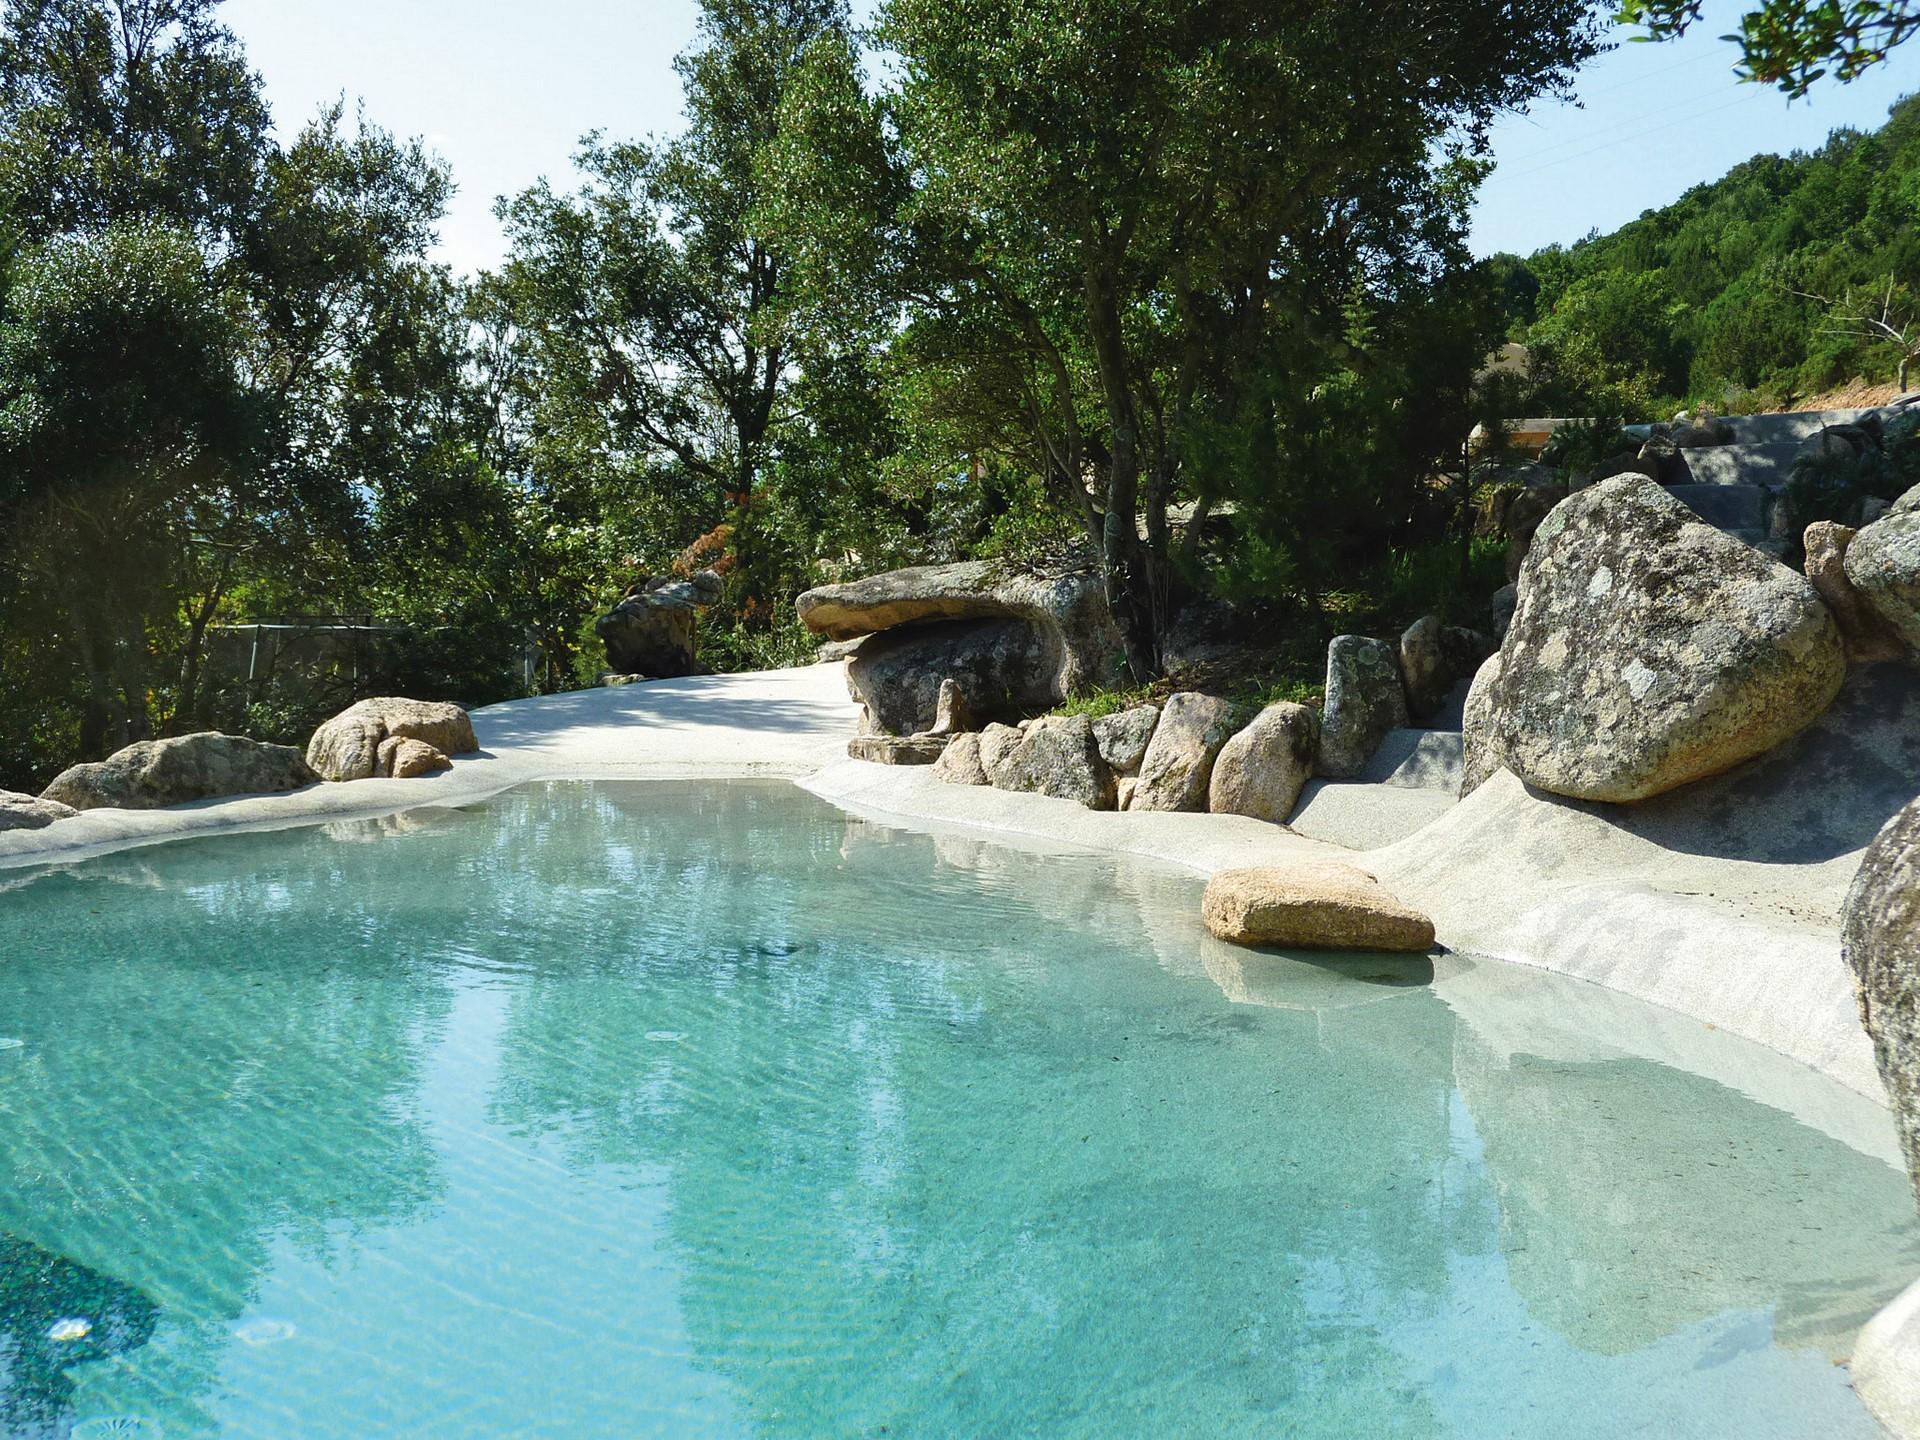 piscina con rocas